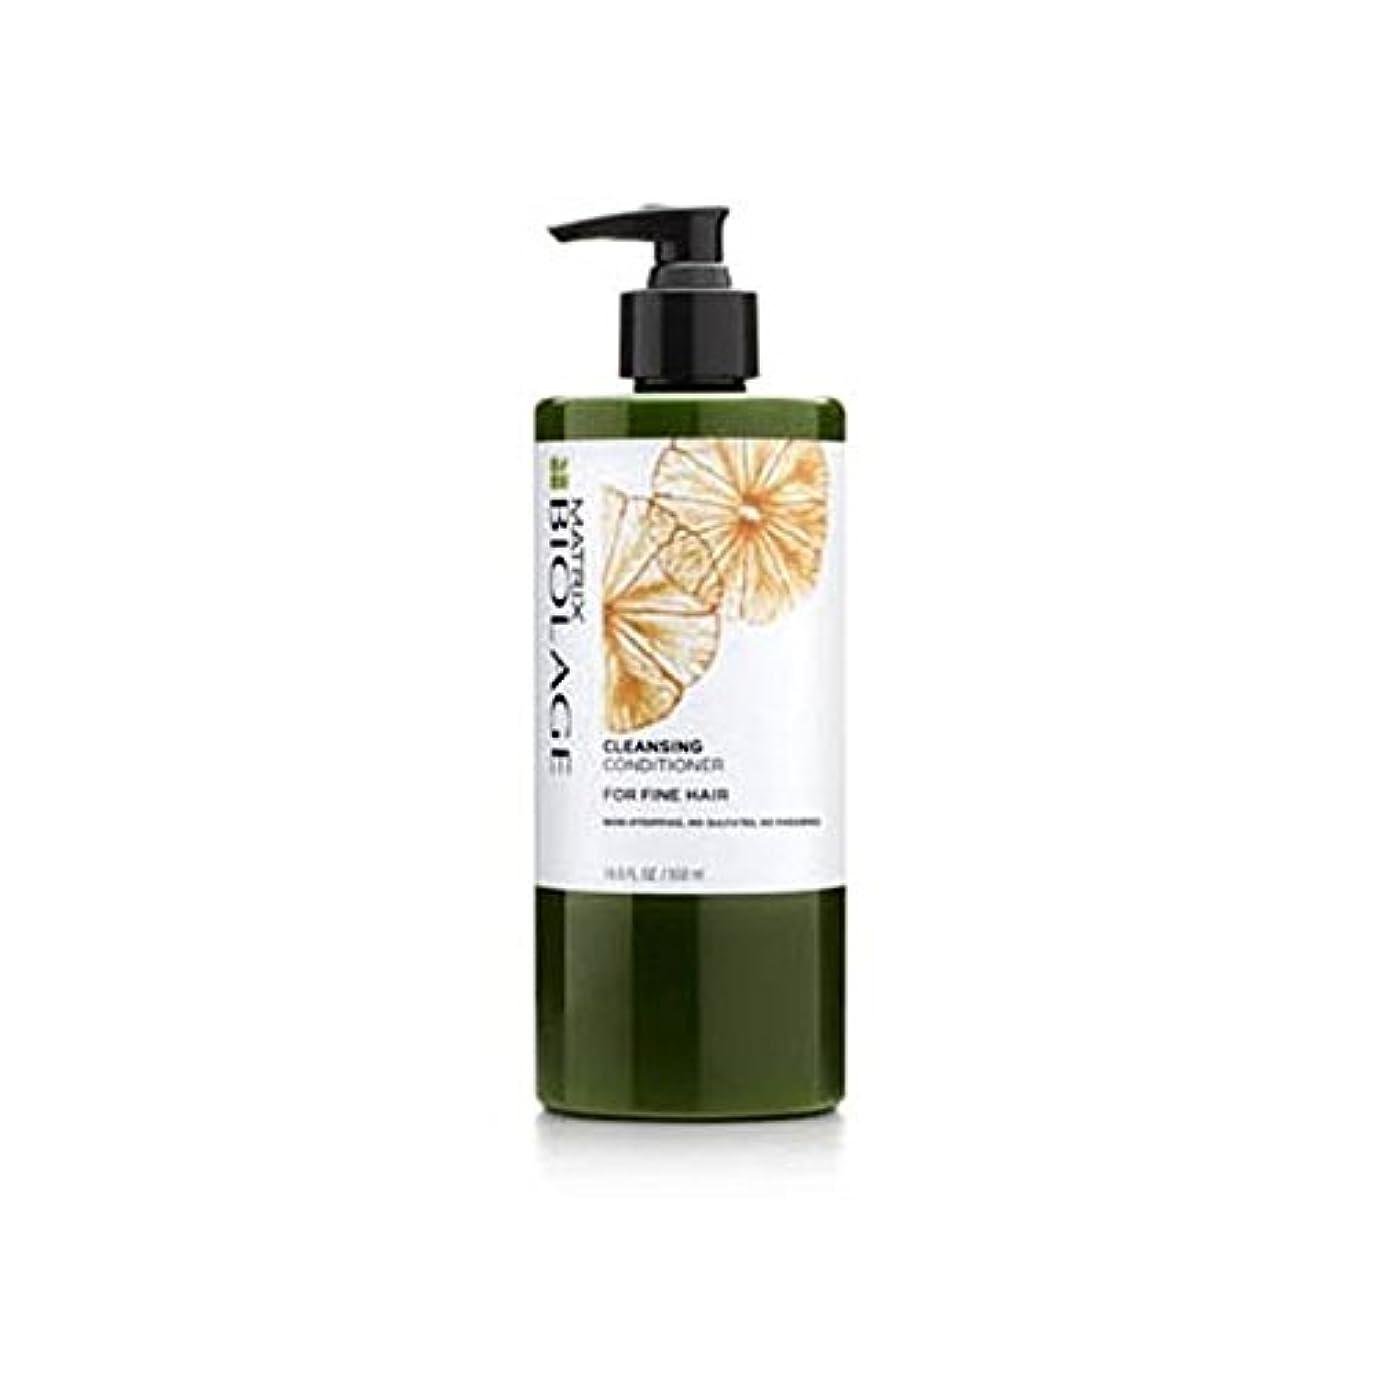 シンボル悪行覗くMatrix Biolage Cleansing Conditioner - Fine Hair (500ml) (Pack of 6) - マトリックスバイオレイジクレンジングコンディショナー - 細い髪(500ミリリットル...